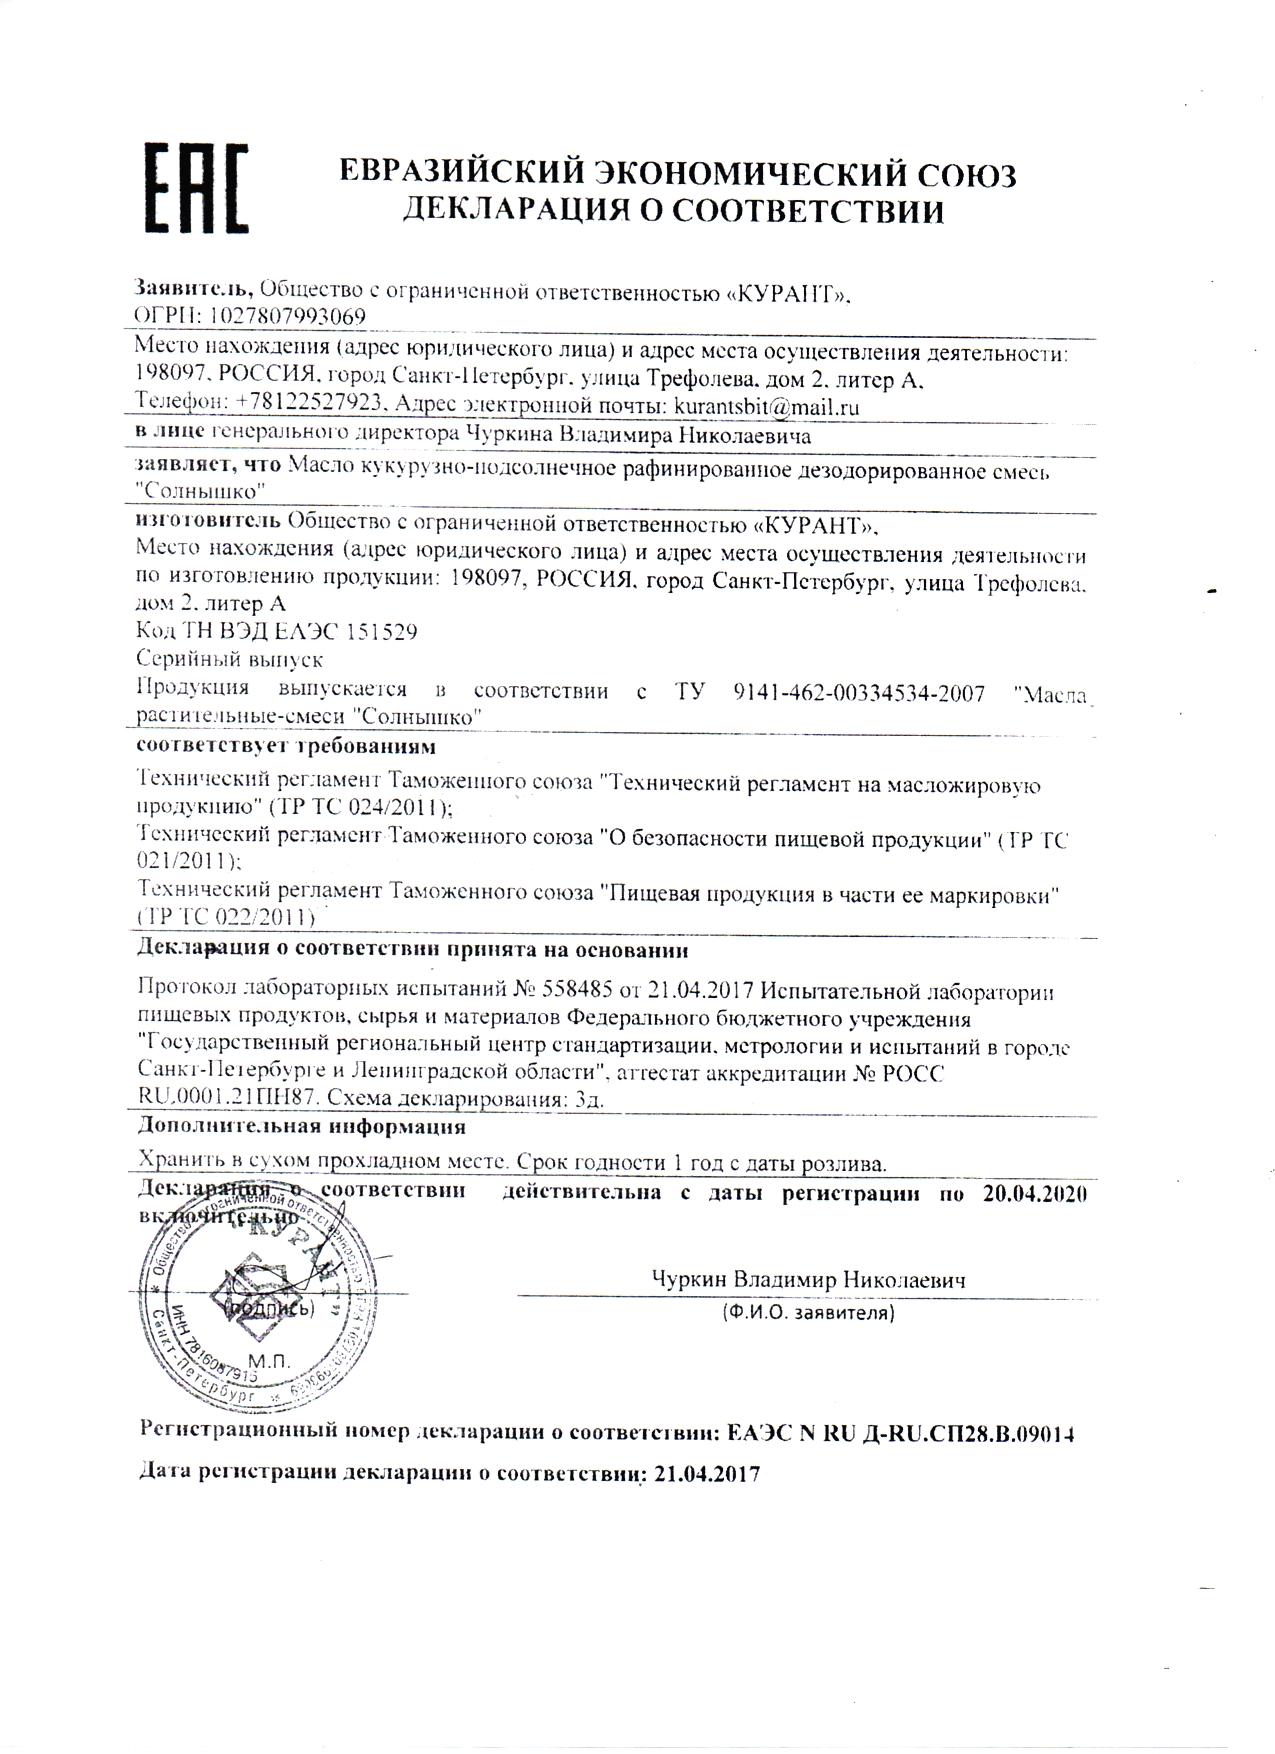 Сертификация при переработке подсолнечного масла метрология, стандартизация и сертификация, тестирование